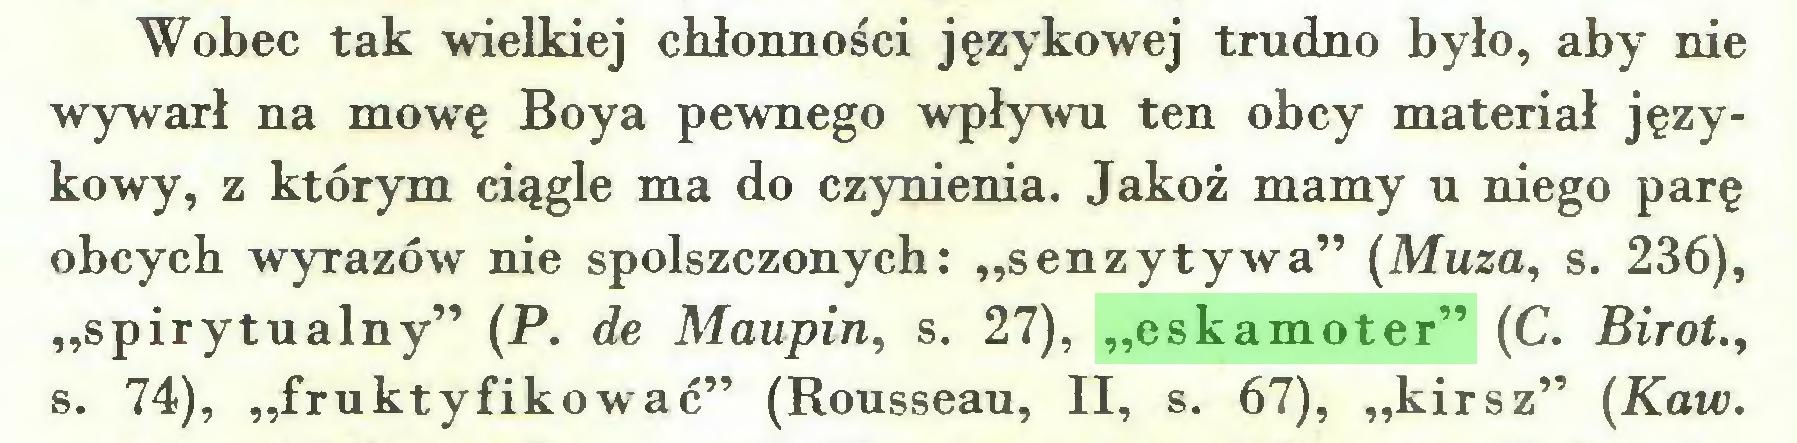 """(...) Wobec tak wielkiej chłonności językowej trudno było, aby nie wywarł na mowę Boya pewnego wpływu ten obcy materiał językowy, z którym ciągle ma do czynienia. Jakoż mamy u niego parę obcych wyrazów nie spolszczonych: """"senzytywa"""" (Muza, s. 236), """"spirytualny"""" (P. de Maupin, s. 27), """"eskamoter"""" (C. Birot., s. 74), """"fruktyfikować"""" (Rousseau, II, s. 67), """"kirsz"""" (Kaw..."""